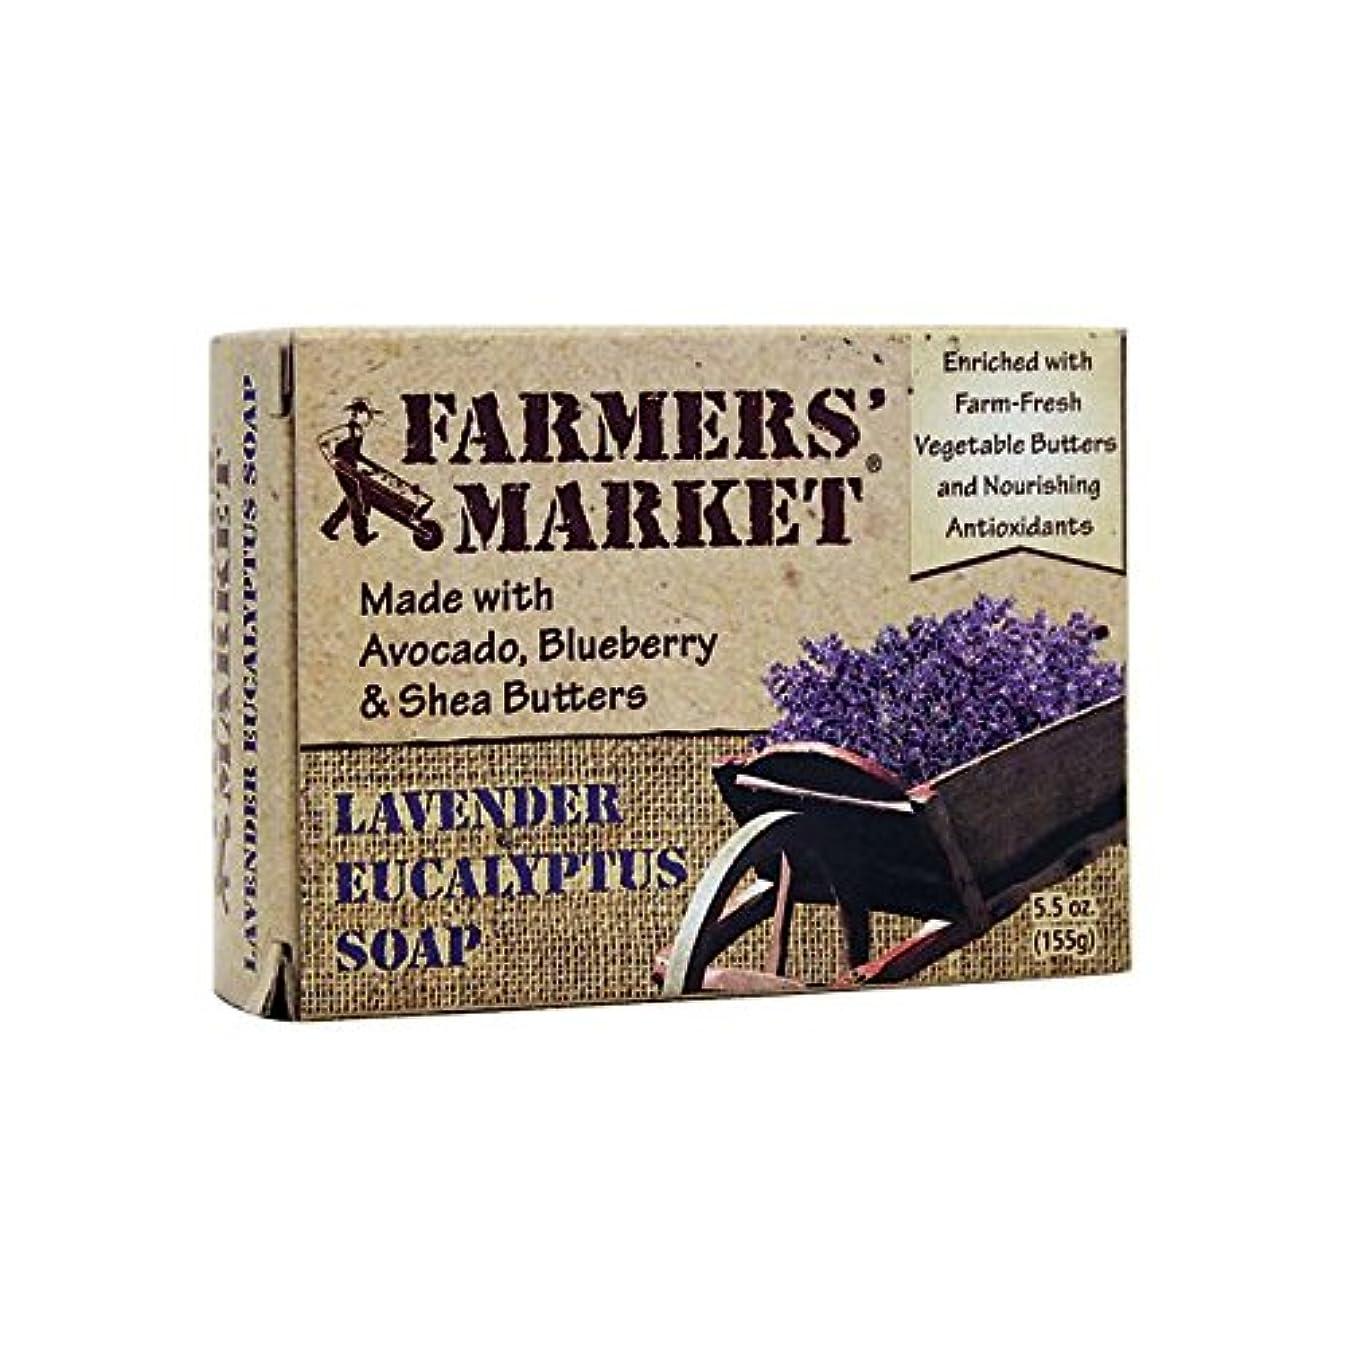 合わせてペルー口径Farmers' Market Soaps, Lavender Eucalyptus Soap, 5.5 oz (155 g) (Discontinued Item)